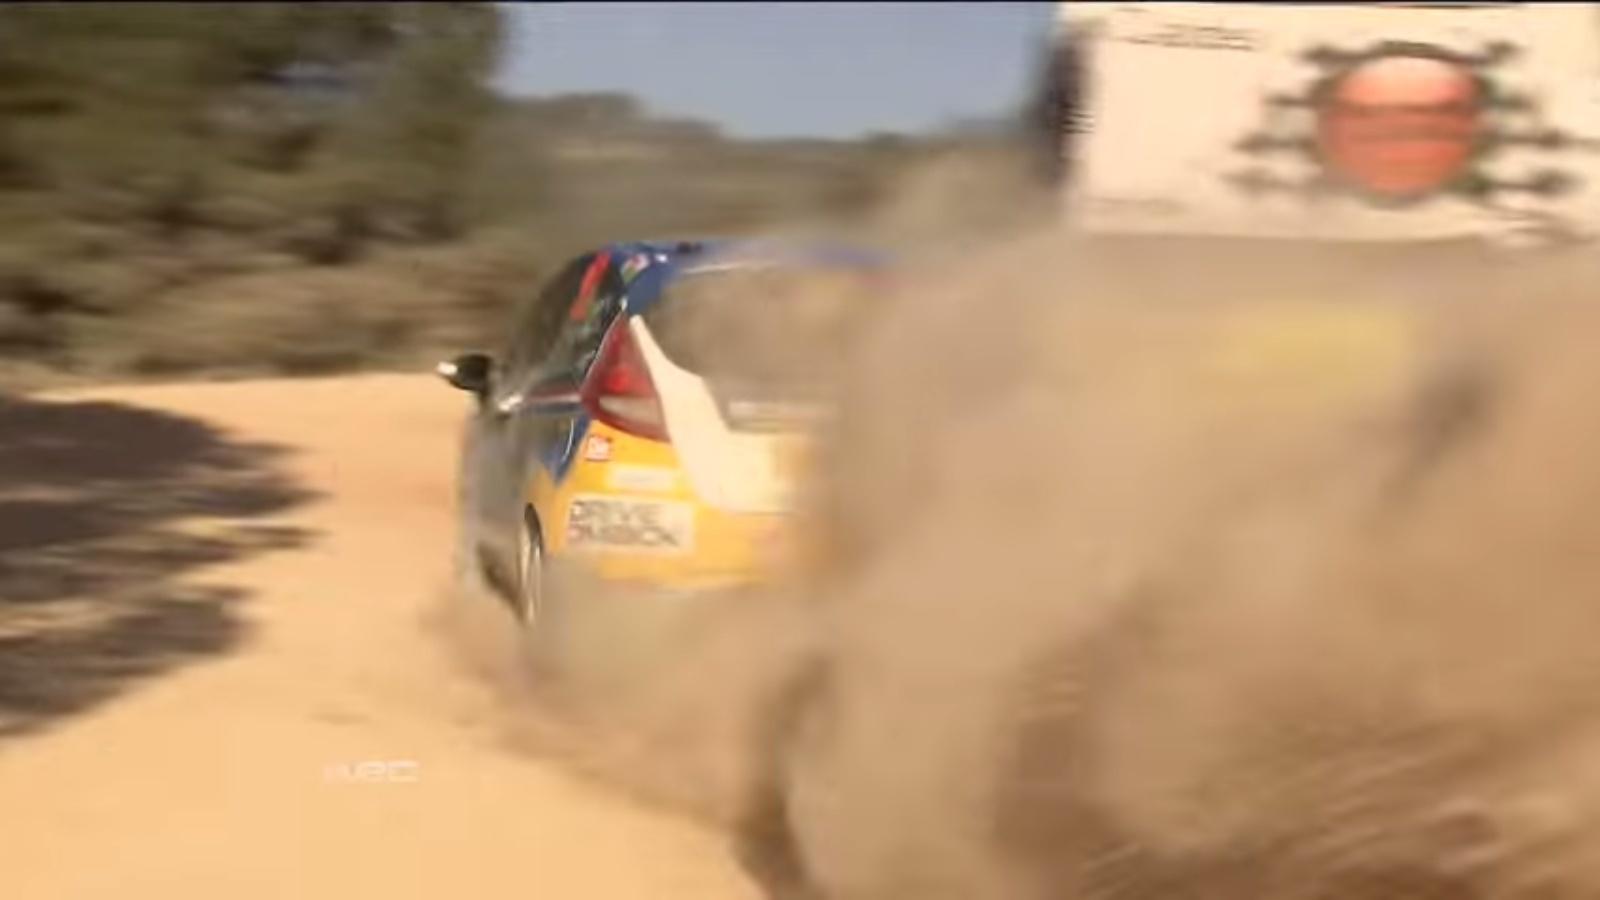 Quedada RaulGuerrero91 y Ruvigas   Rally España  Catalunya-Costa Daurada 2014 Foto_410